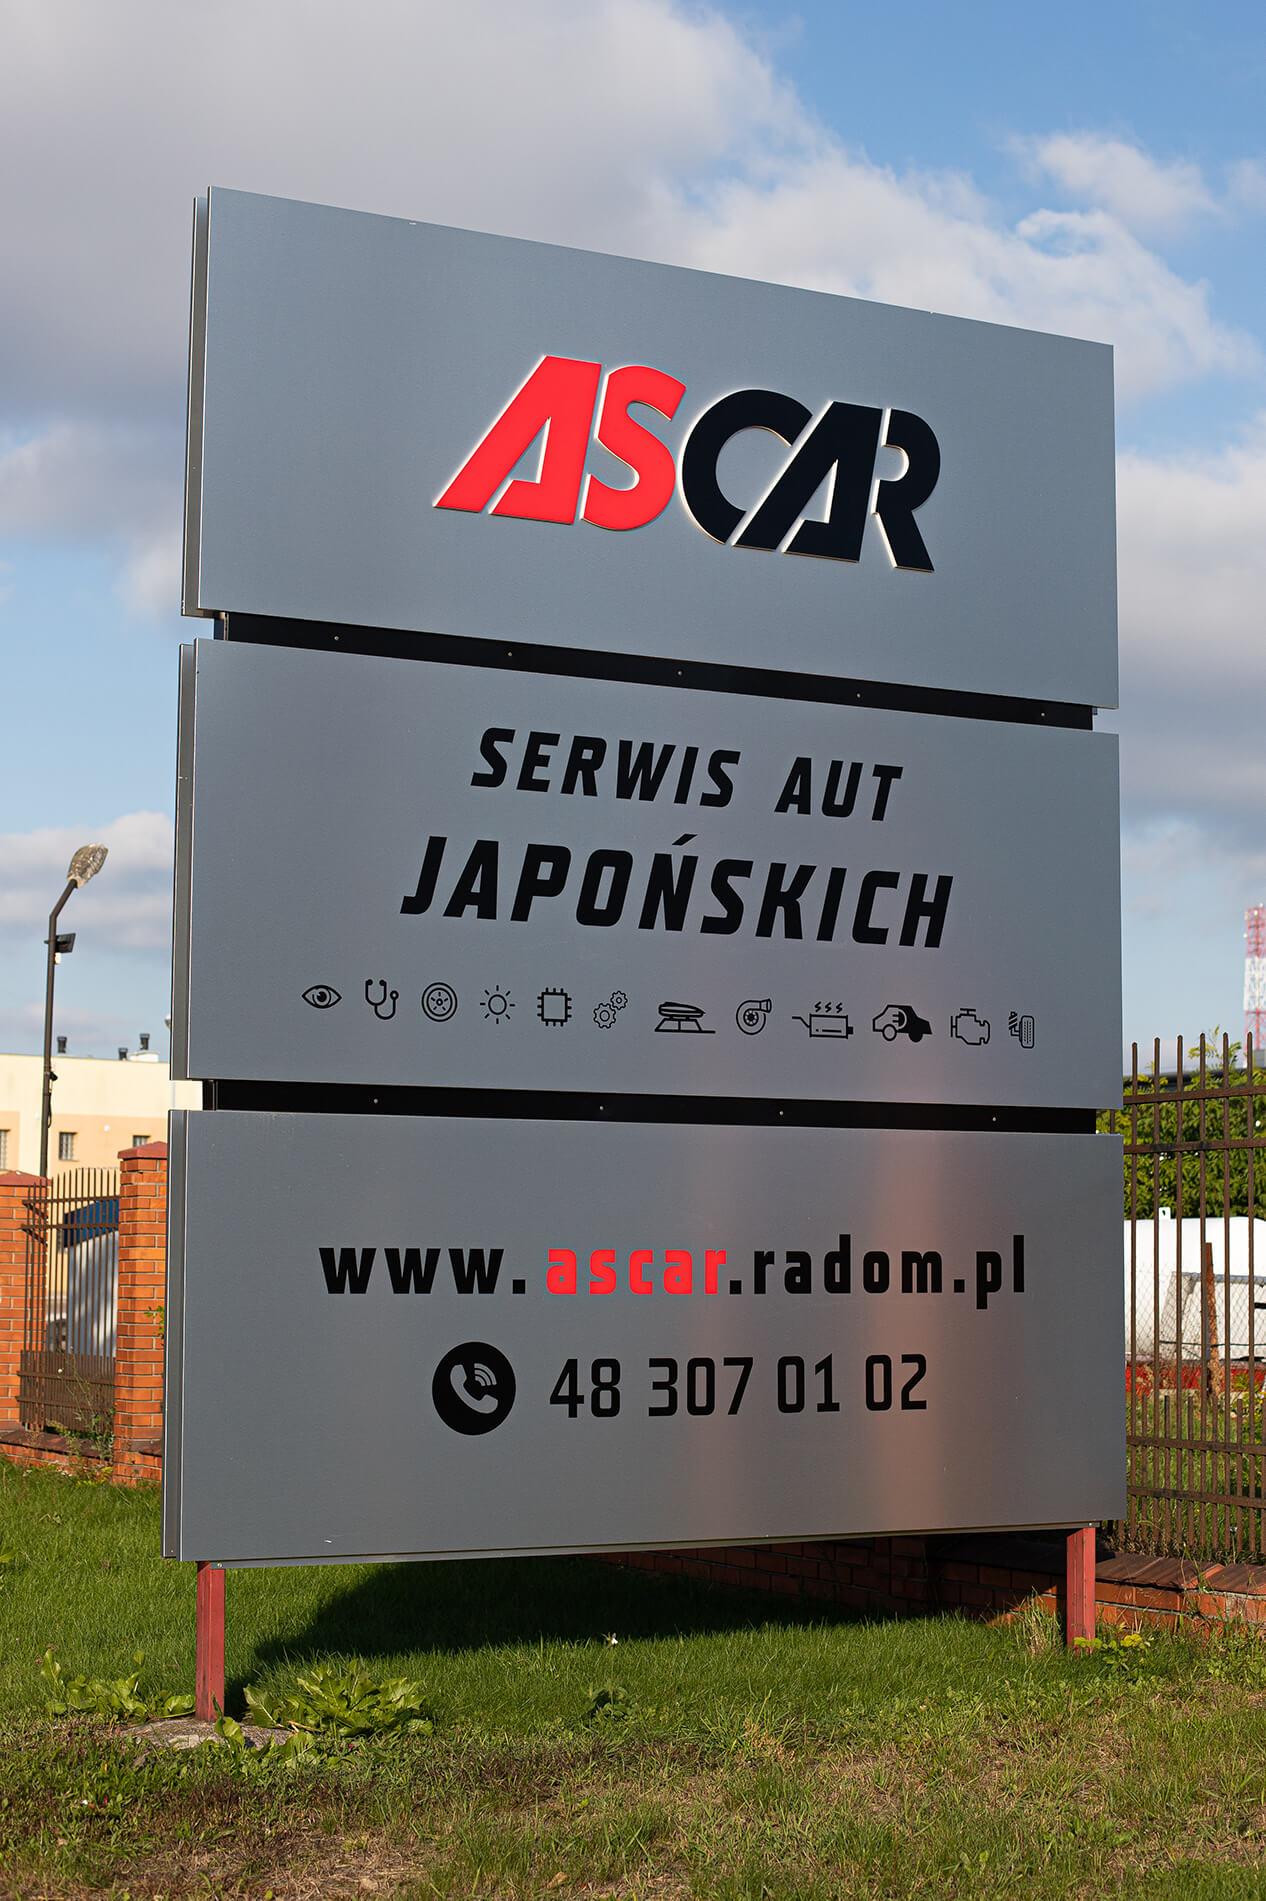 Ascar Radom Warsztat Samochodowy